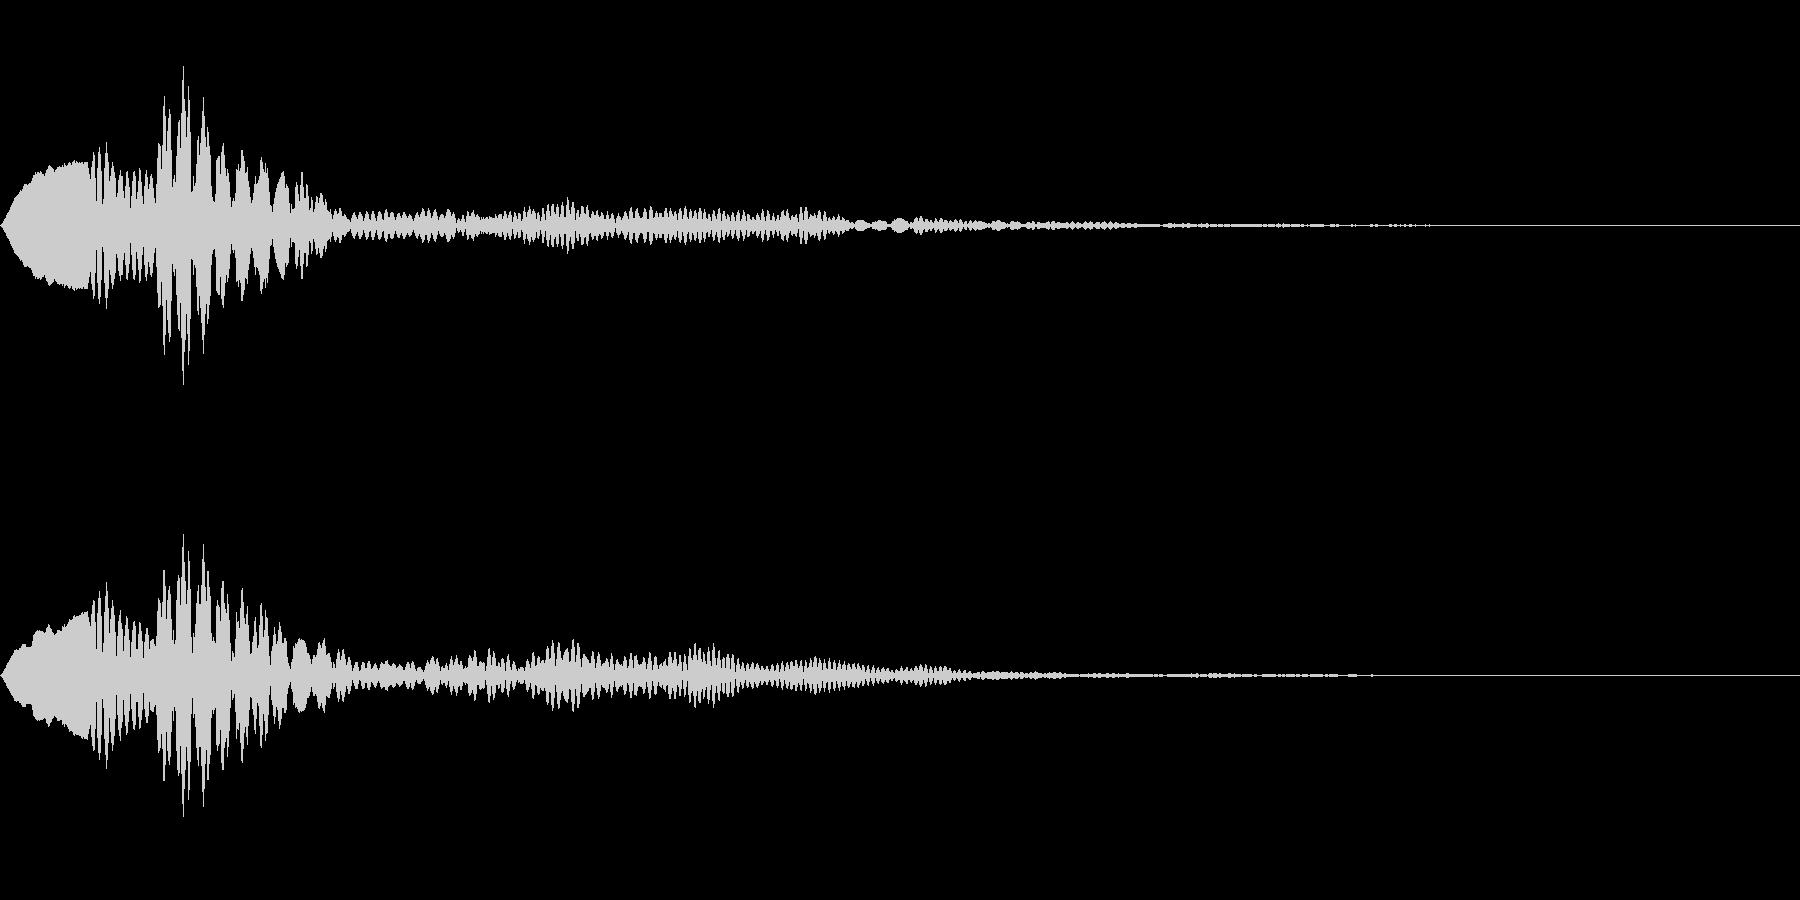 シンプルなキャンセル音3の未再生の波形